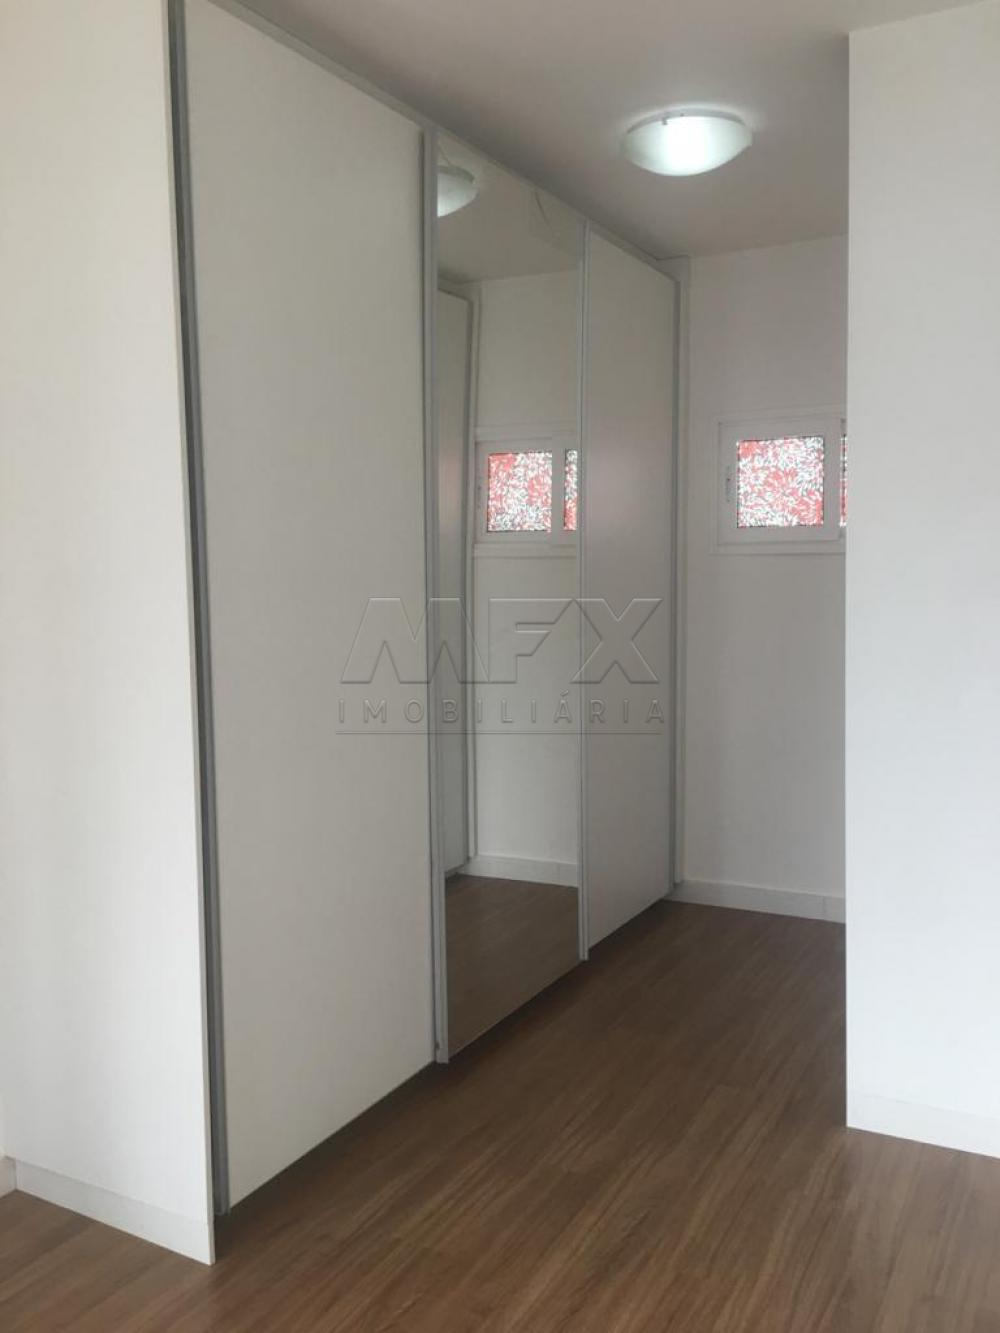 Comprar Casa / Condomínio em Piratininga apenas R$ 850.000,00 - Foto 9